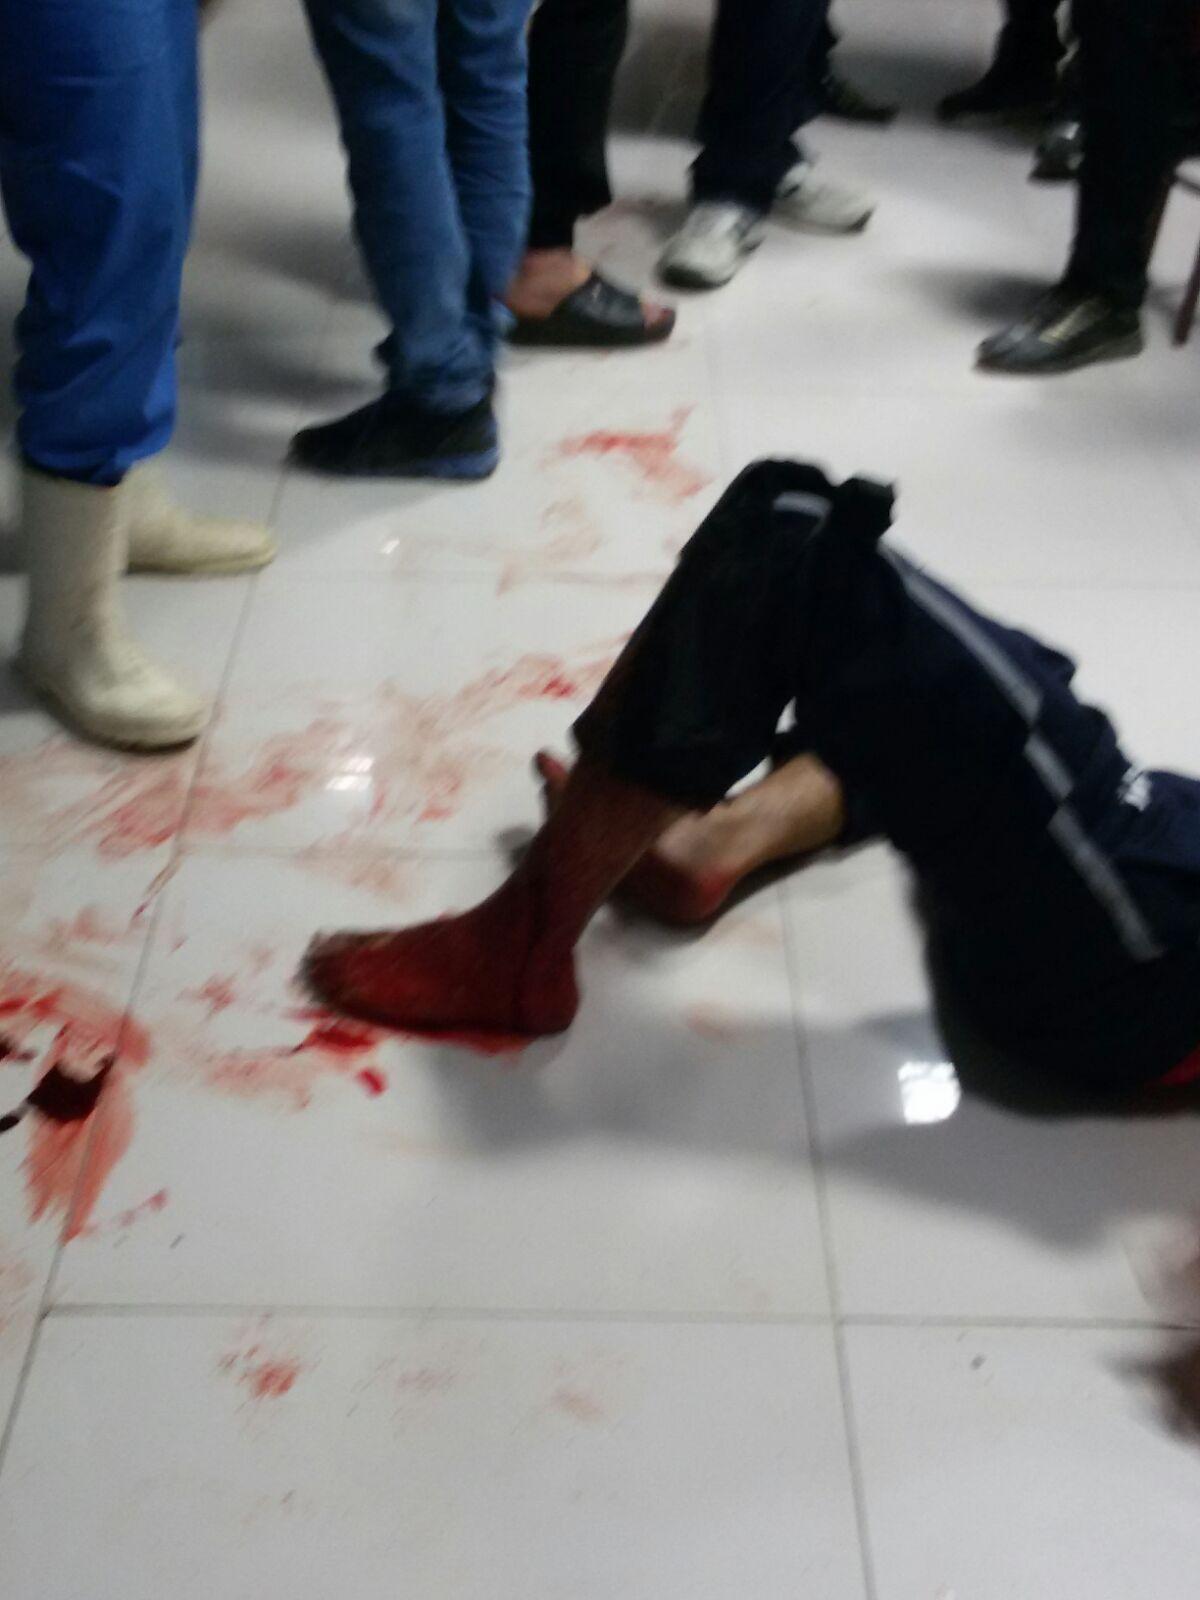 تیراندازی خونین در بهبهان ربطی به گروههای عزاداری ندارد/ عاملان تیراندازی در کمتر از 2 دقیقه دستگیر شدند